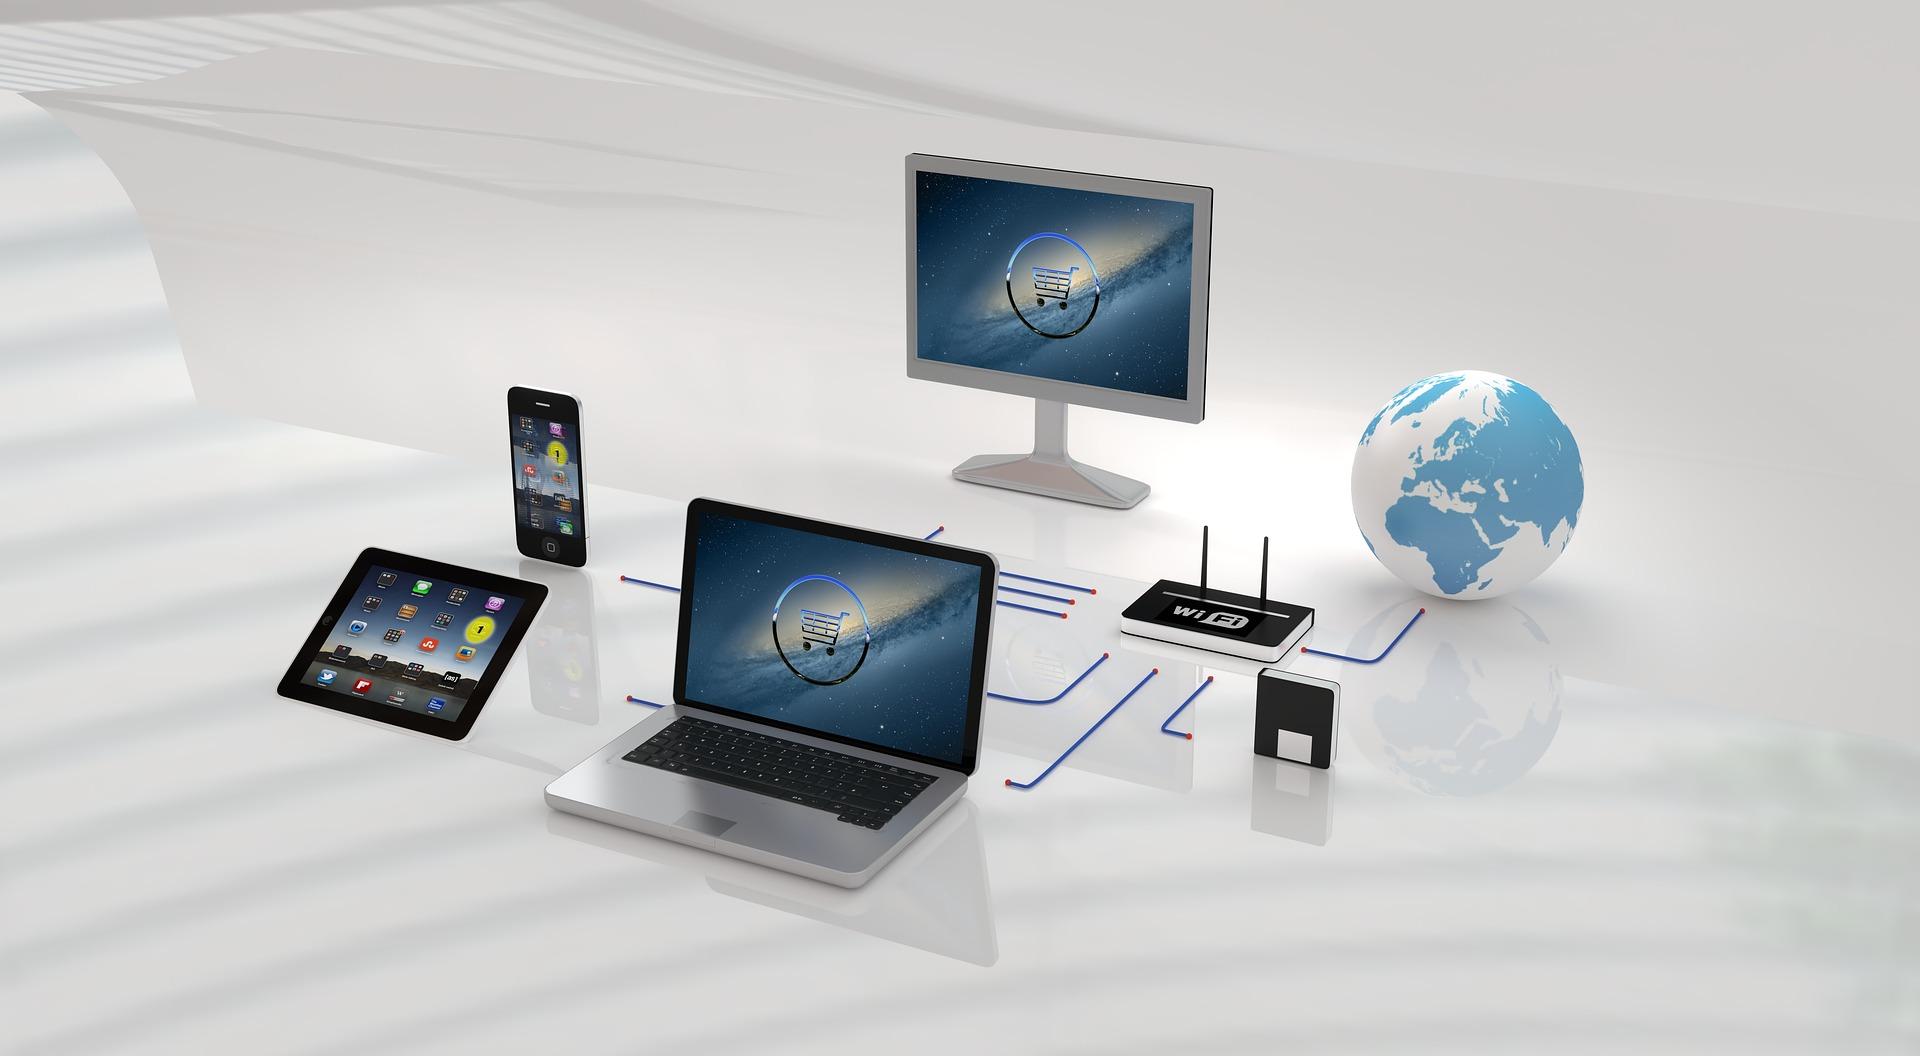 Course Image M19 Liiketoimintaa tukevat digitaaliset työympäristöt TRTKM19A3